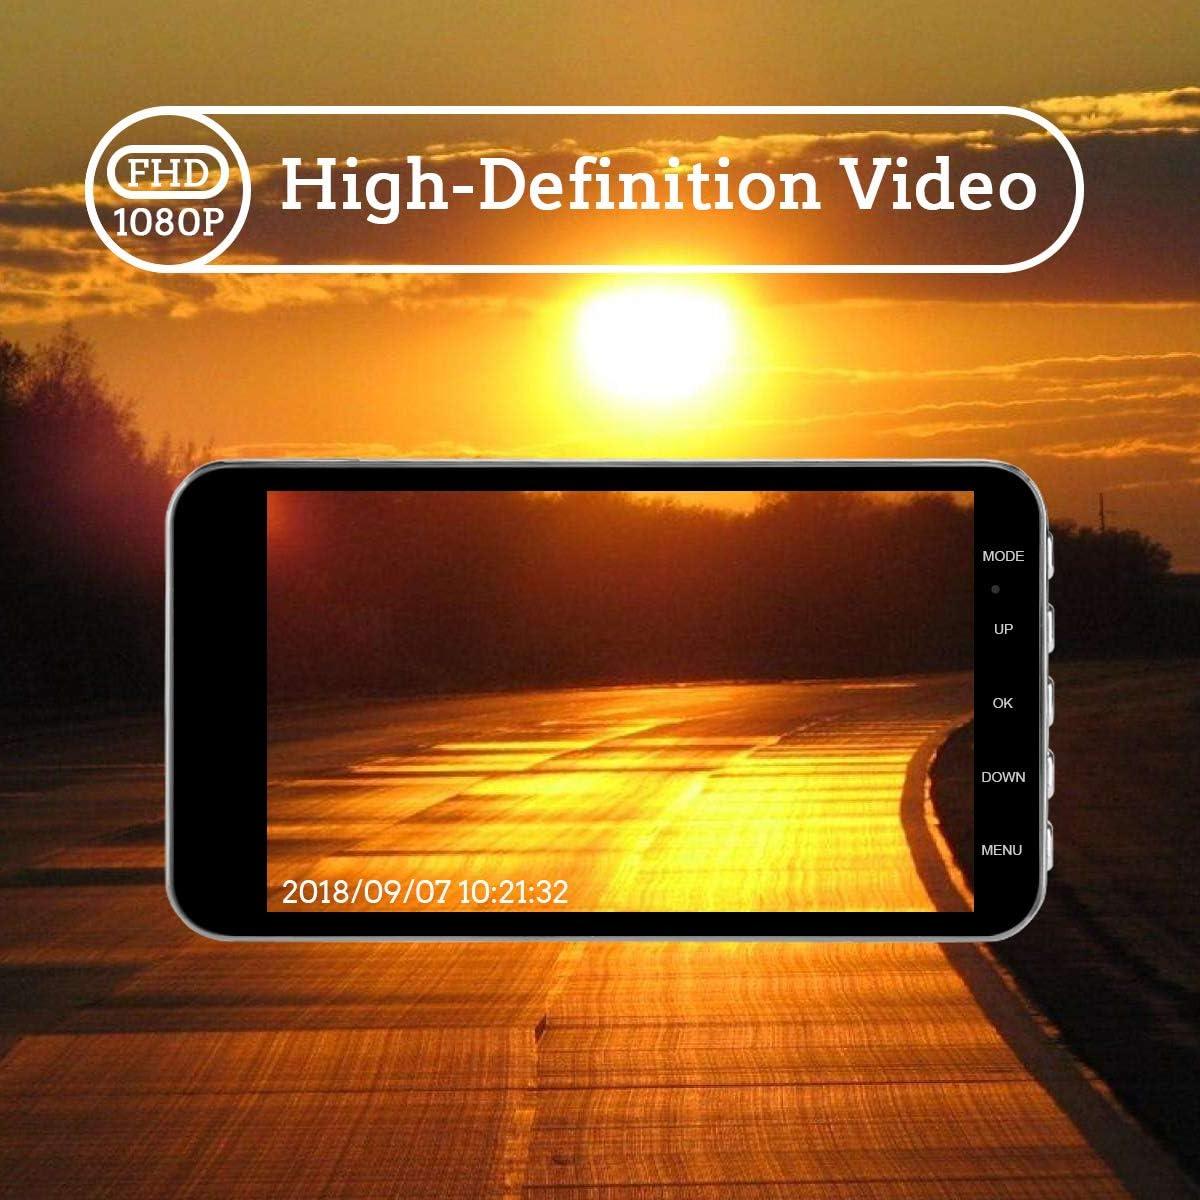 Monitor de Estacionamiento Coche Video Recorder KKmoon Grabador Dash CAM 1080P HD DVR 140/°/Ángulo,Visi/ón Nocturna C/ámara,Control de Voz WiFi